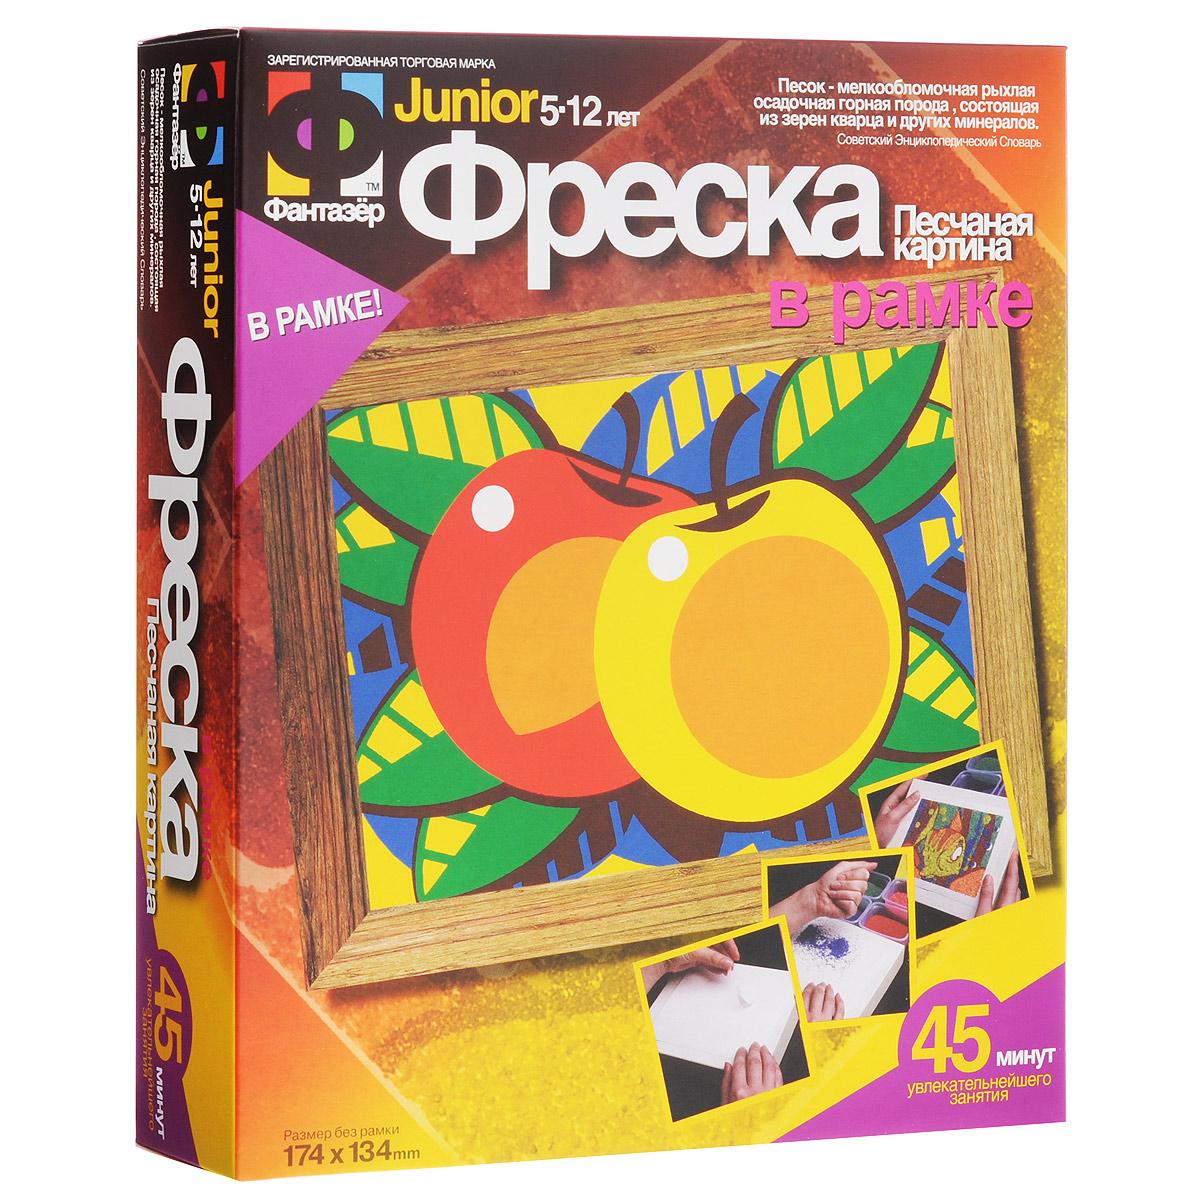 """С набором для создания фрески Фантазер """"Яблоки"""" ваш ребенок сможет изготовить удивительную картину из цветного песка! В набор входят: кварцевый песок 7 цветов (зеленый, желтый, оранжевый, красный, черный, белый, синий), специальная трехслойная основа, заготовка рамки, шаблон Малыш без труда создаст необычную """"песчаную картину"""", которая будет отличным украшением комнаты или кабинета и объектом гордости вашего ребенка. Процесс создания картины из песка прост и увлекателен - достаточно отклеить защитный слой с каждого элемента и засыпать его песком разных цветов, ориентируясь на изображение на упаковке. Начинайте с песка черного цвета, переходя от темных оттенков к более светлым, от мелких элементов к более крупным. Готовую картинку с изображением красивых яблок можно оформить входящей в комплект сборной рамкой. Инструкция расположена на обратной стороне упаковки. Вас ждет интересное занятие и великолепный результат!"""